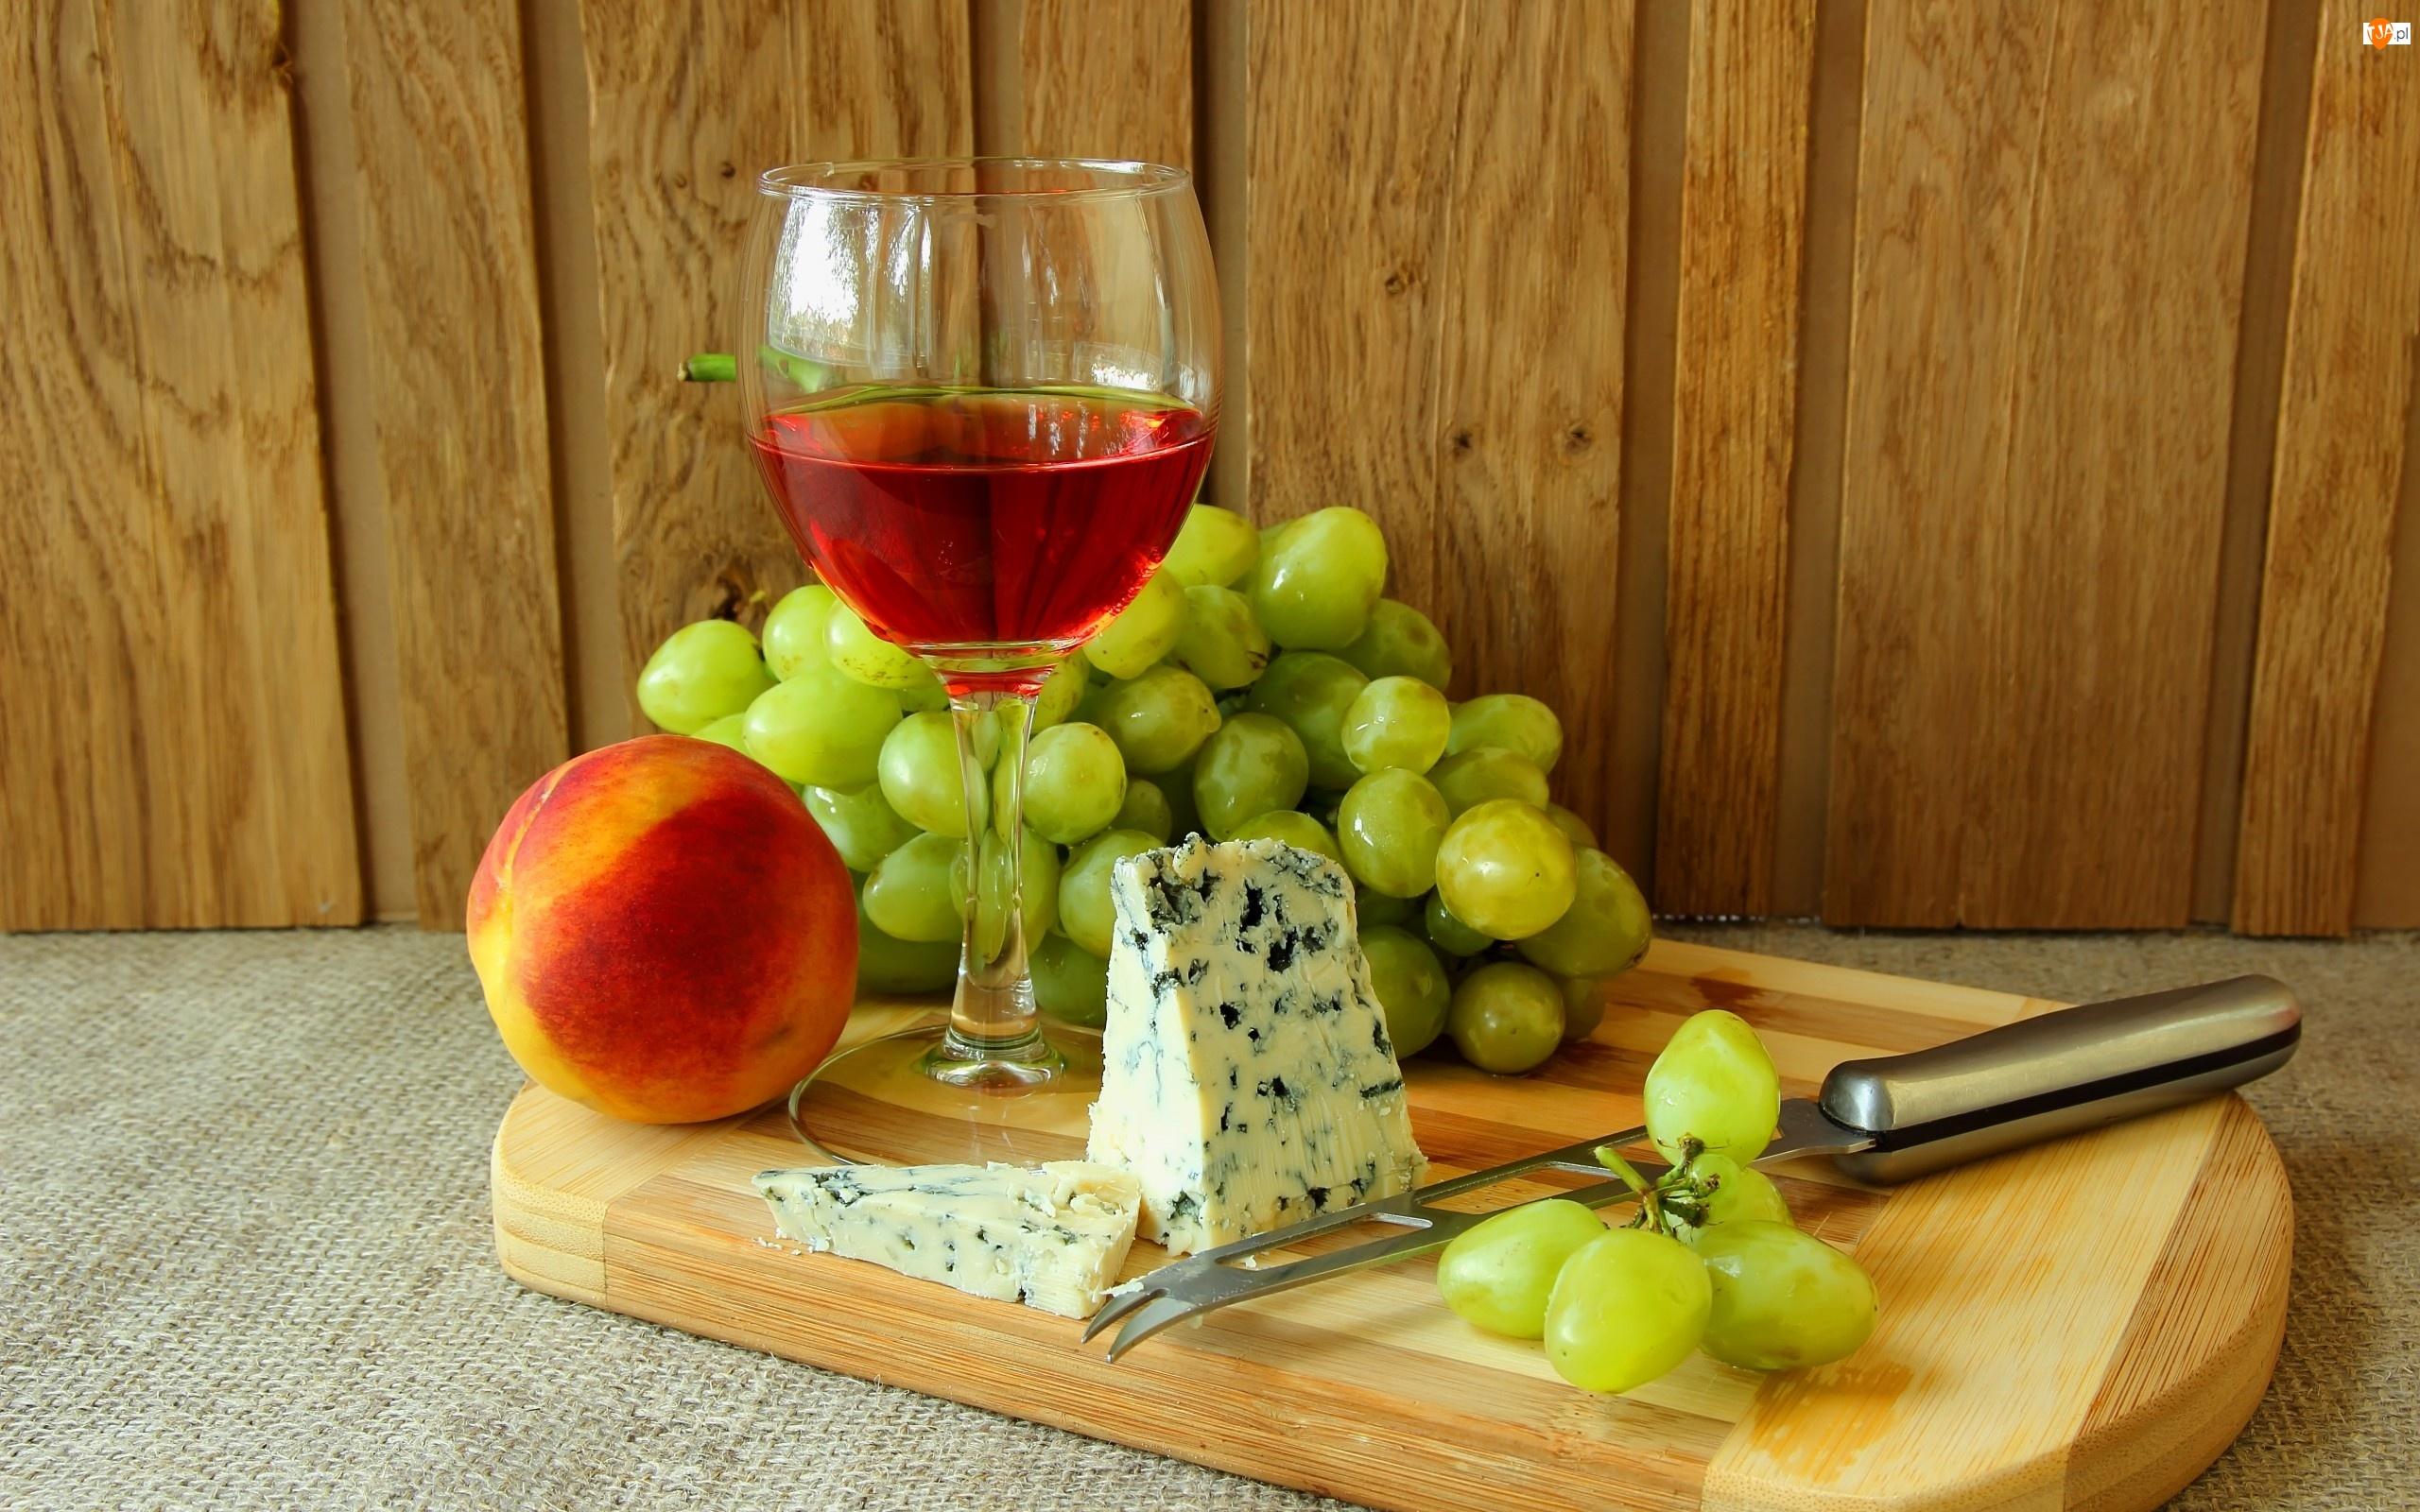 Wino, Winogrona, Ser, Brzoskwinia